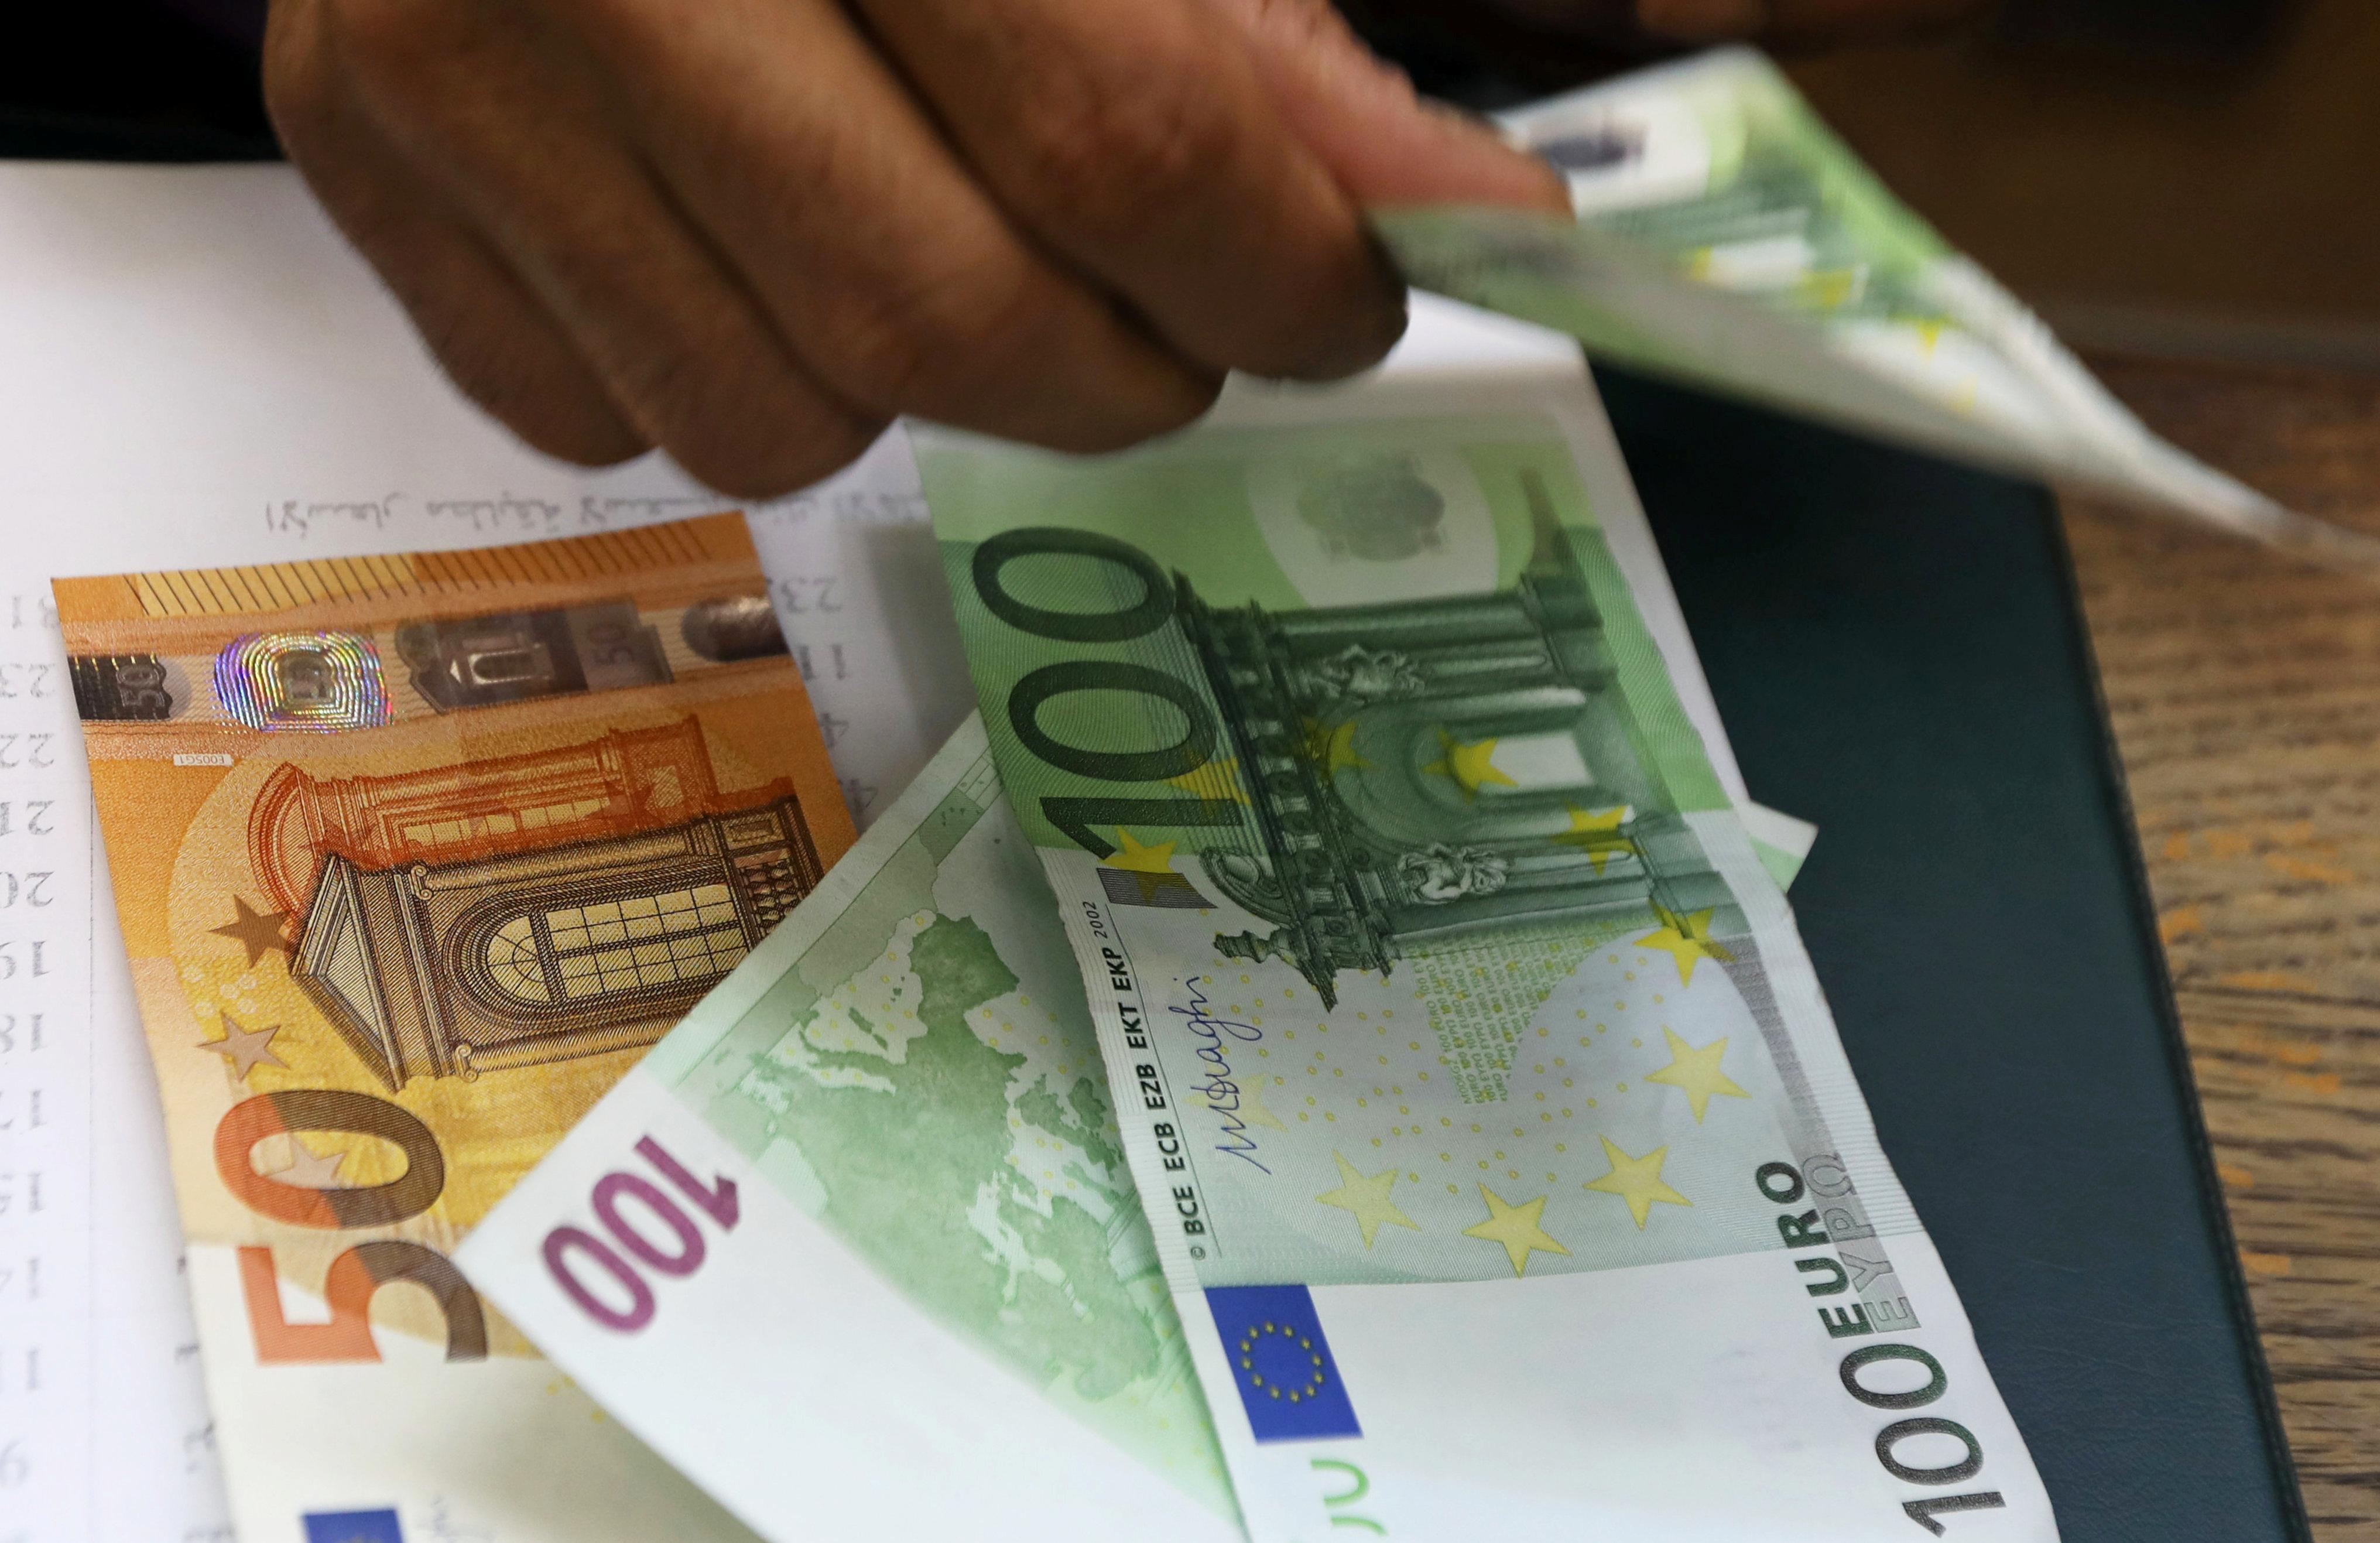 В Швейцарии предложили выдать всем жителям по 7 тысяч евро